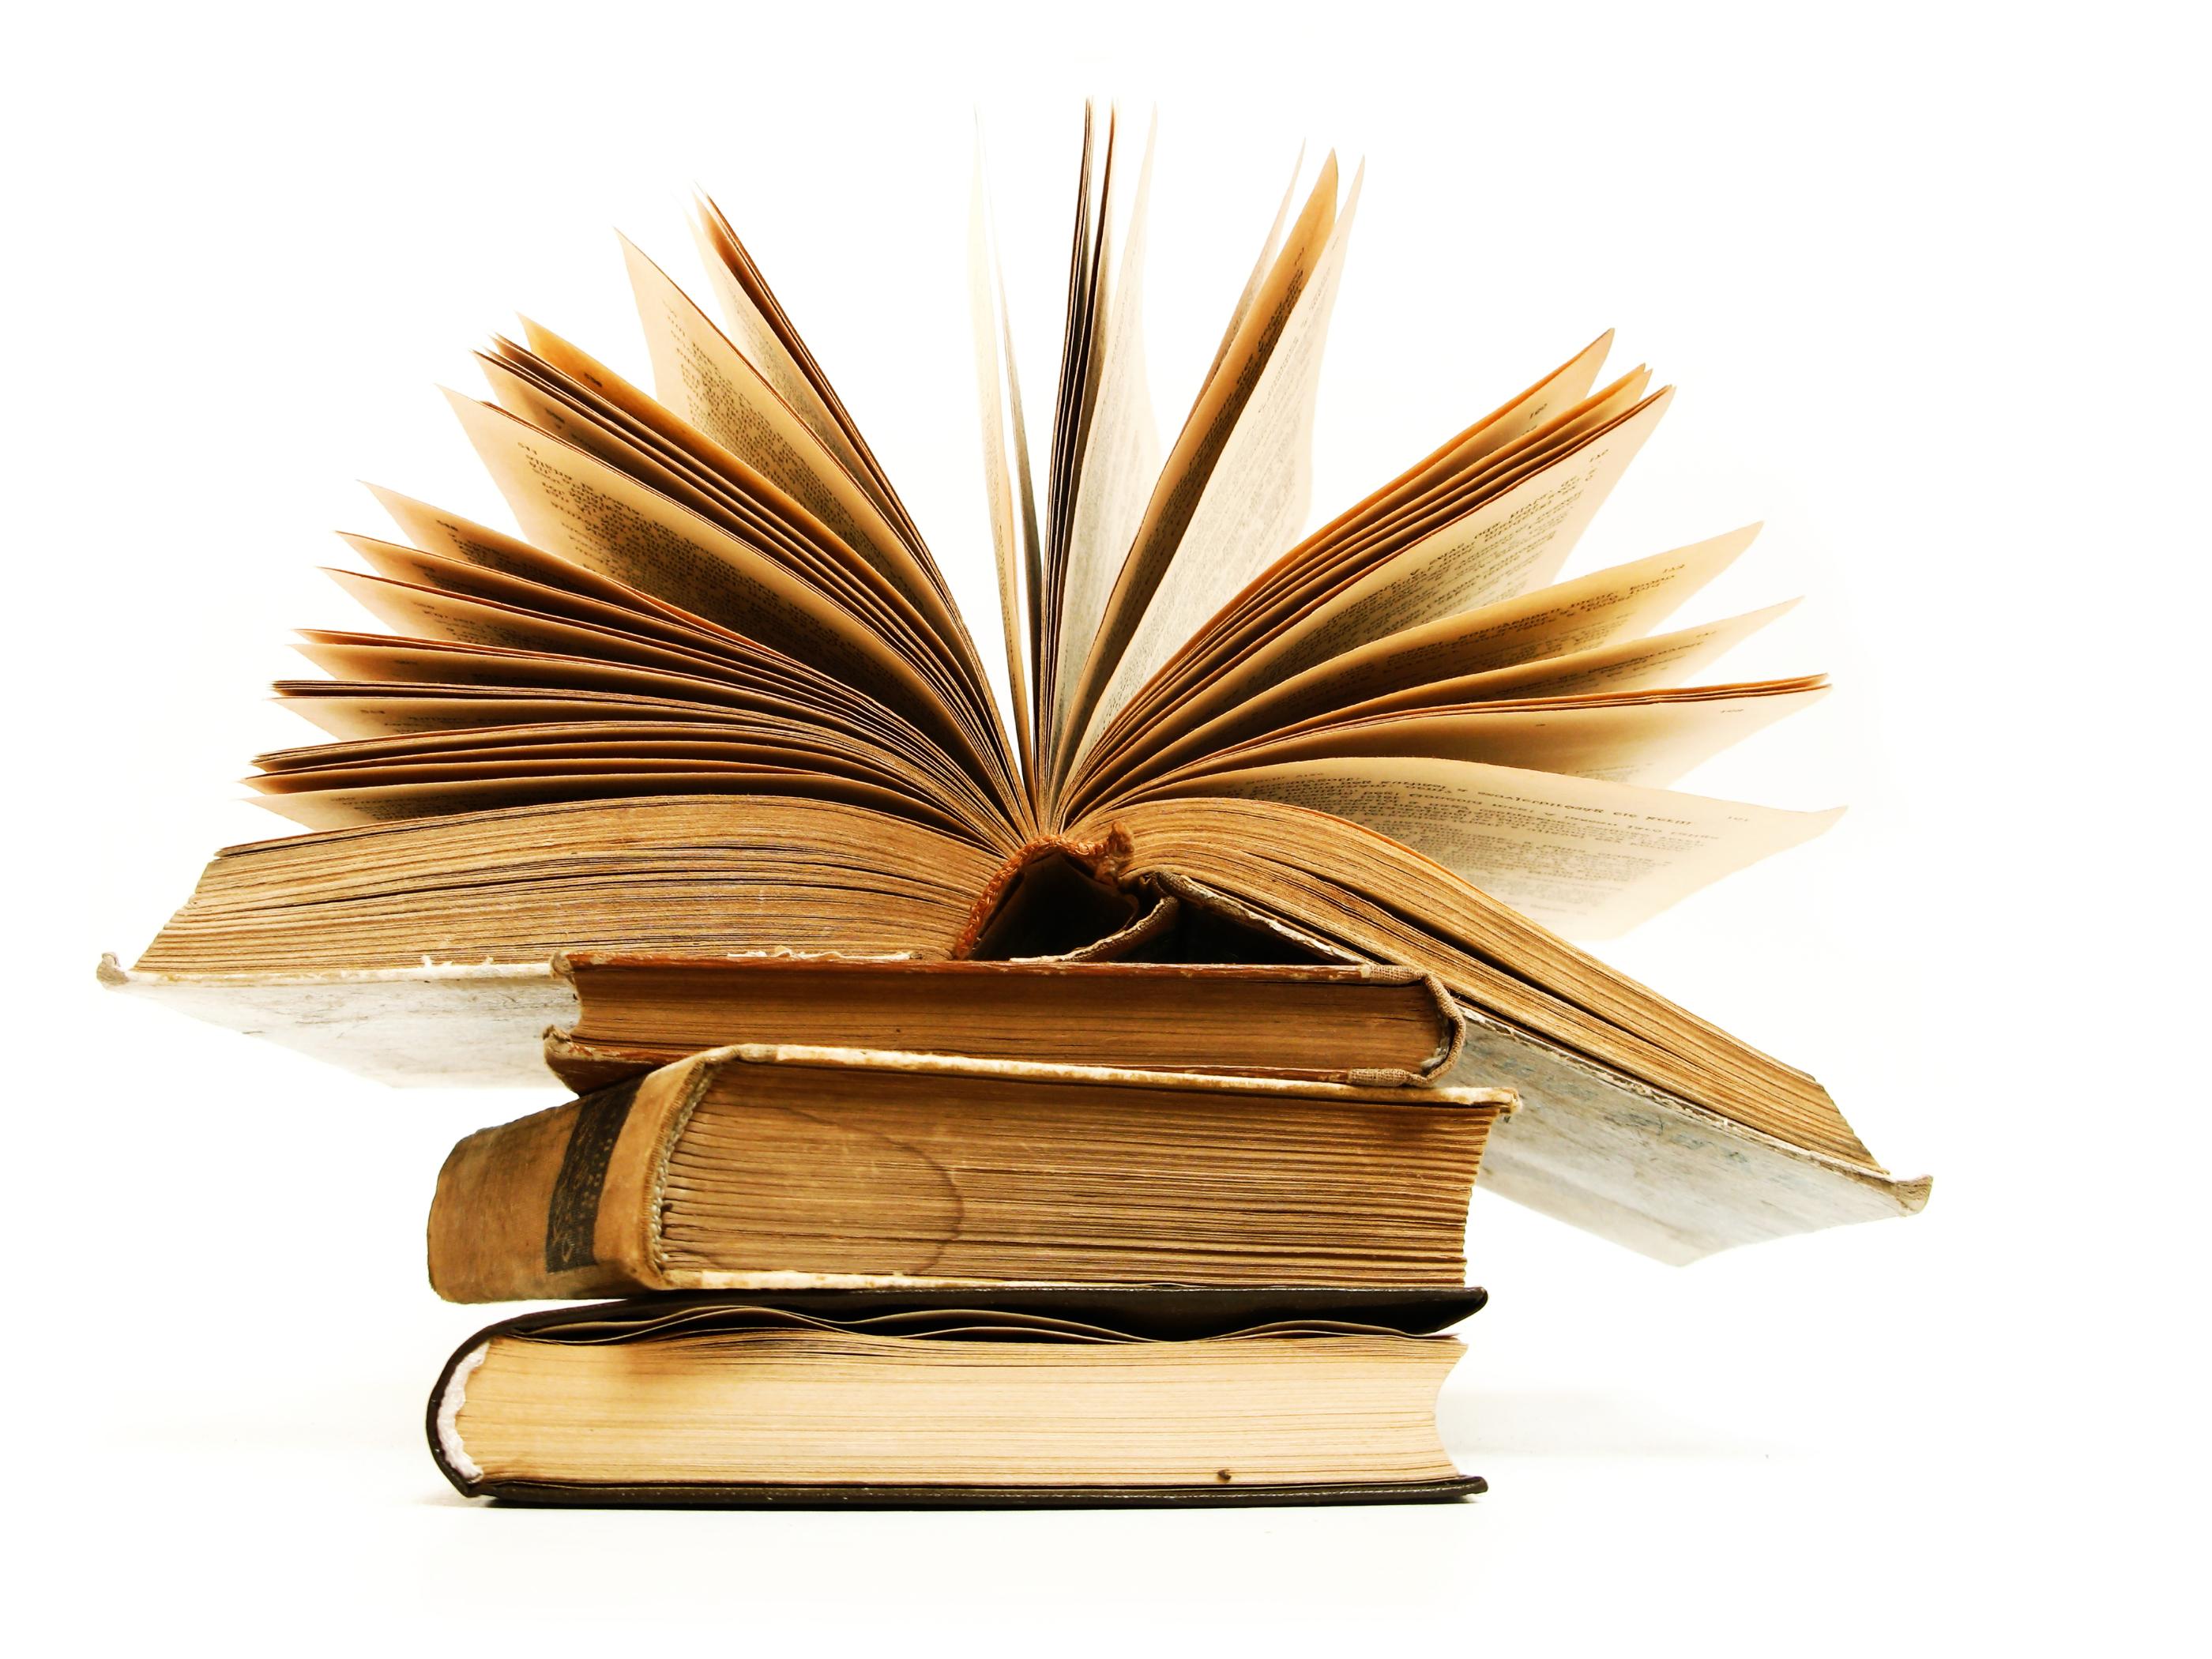 ספר פתוח - ביקורת ספרים באנגלית